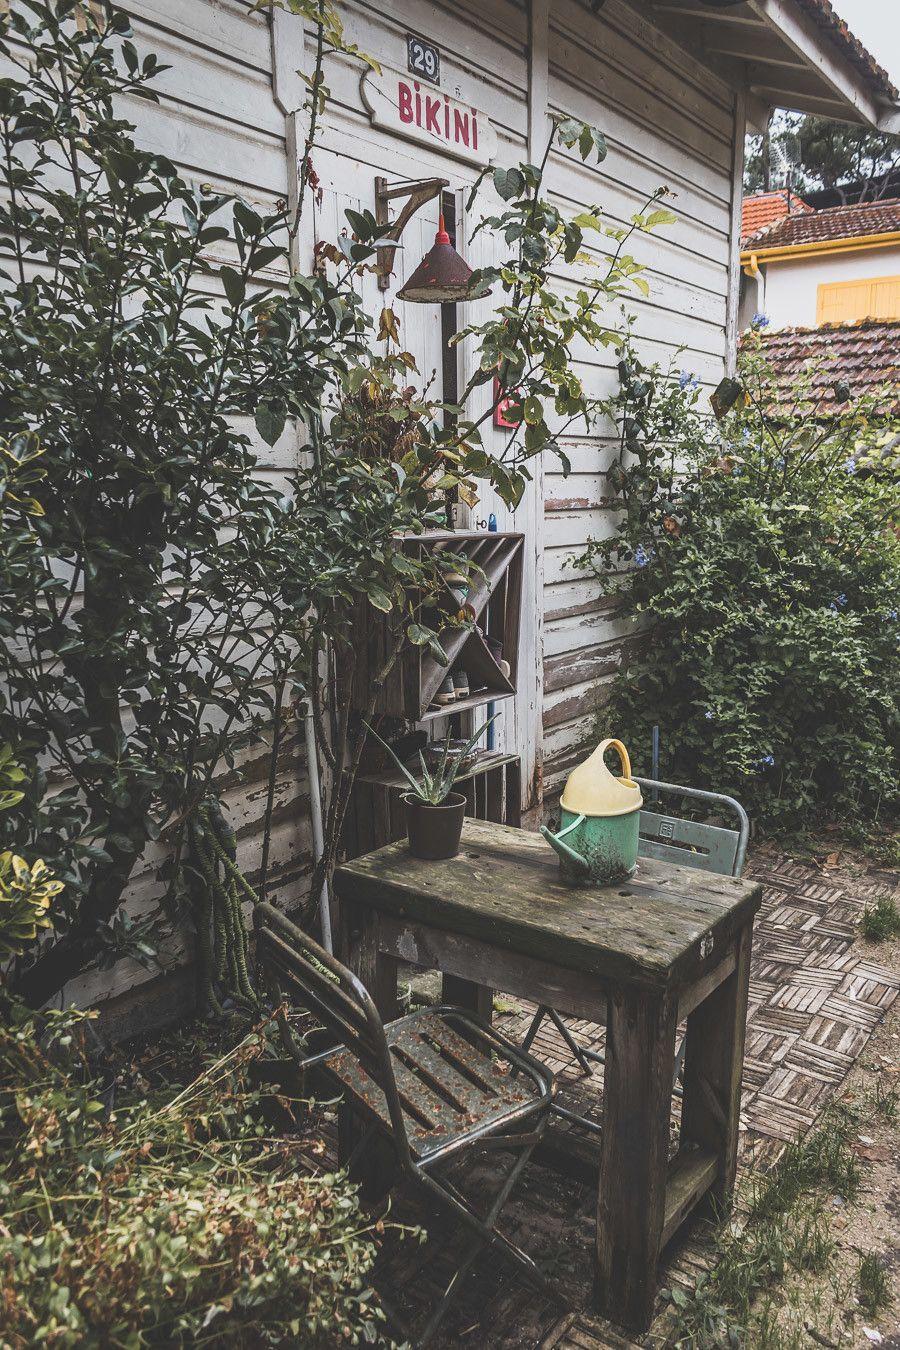 Envie de visiter le Bassin d'Arcachon ? Vous n'avez jamais eu la chance de monter la dune du Pilat ? Cet article est fait pour vous. Partez à la découverte du Cap Ferret, de la ville d'hiver d'Arcachon et des jolis villages ostréicoles lors d'un week-end bien mérité. #roadtrip #nouvelleaquitaine #france #vacances / Bassin d'Arcachon / Arcachon bassin / Gironde France / Gironde tourisme / Gironde paysage / Gironde visite / Nouvelle Aquitaine France